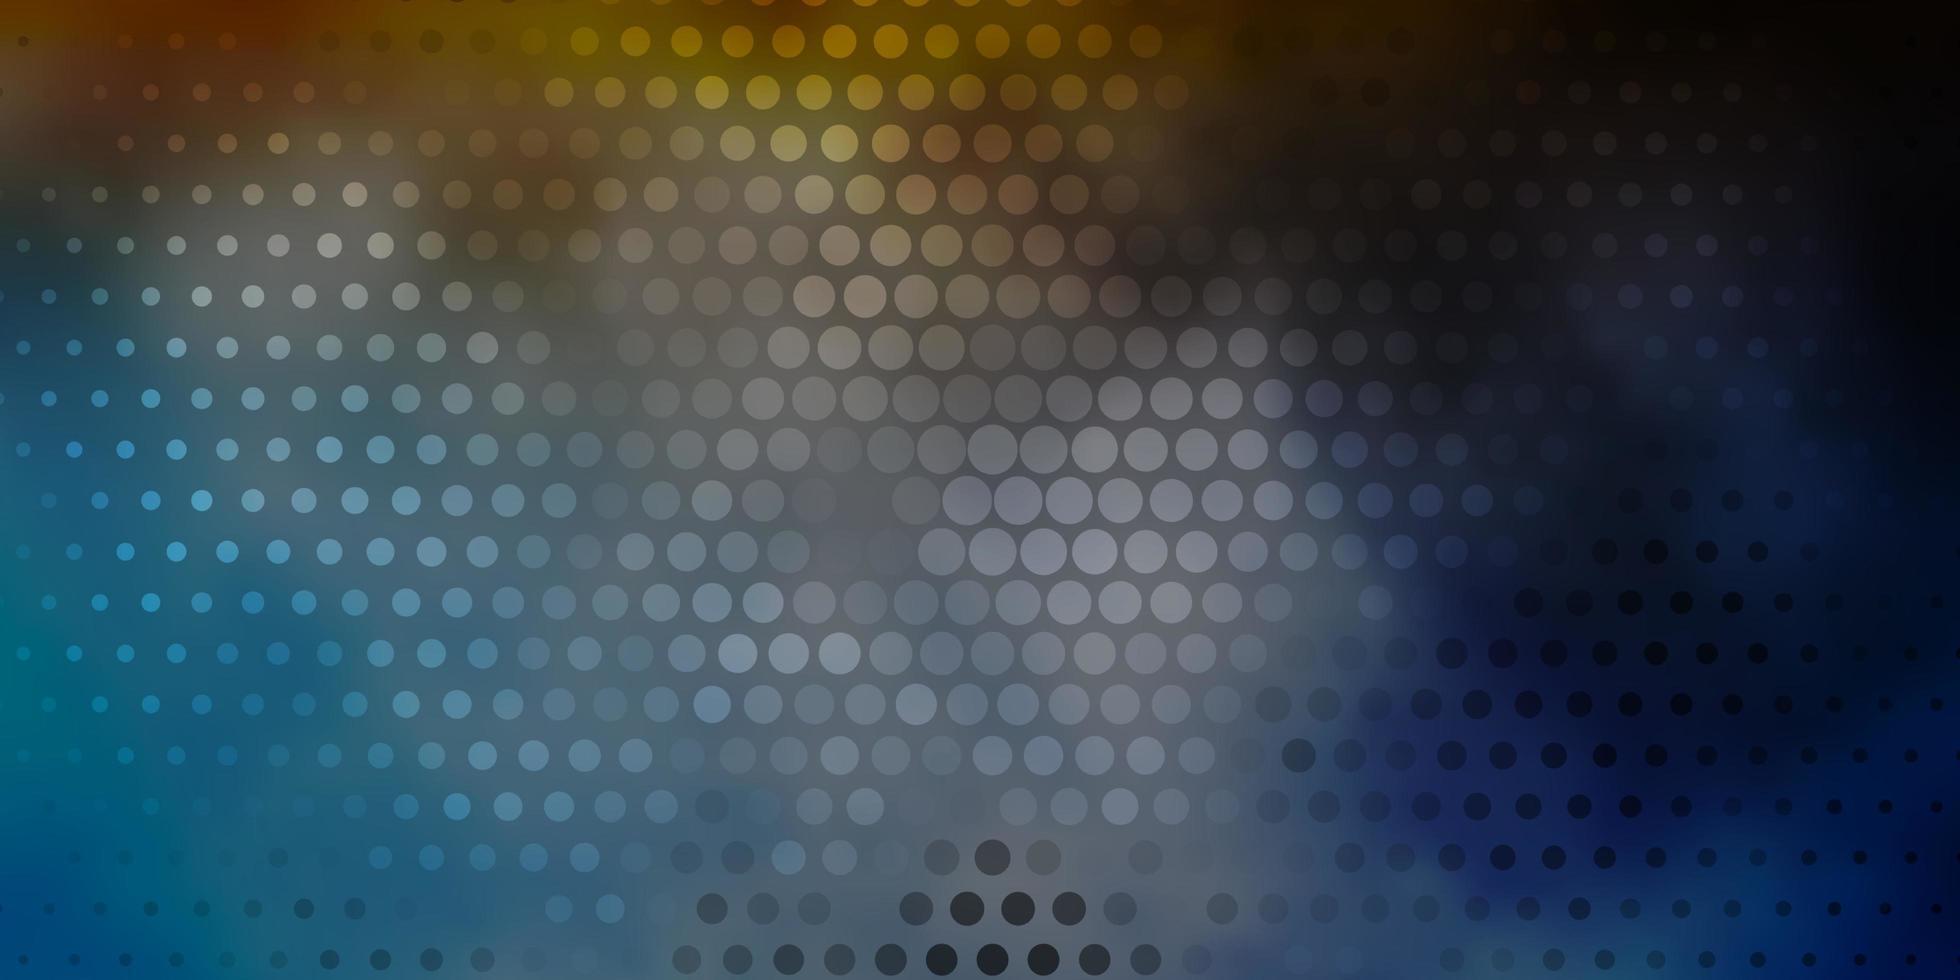 fond bleu foncé, jaune avec des cercles. vecteur